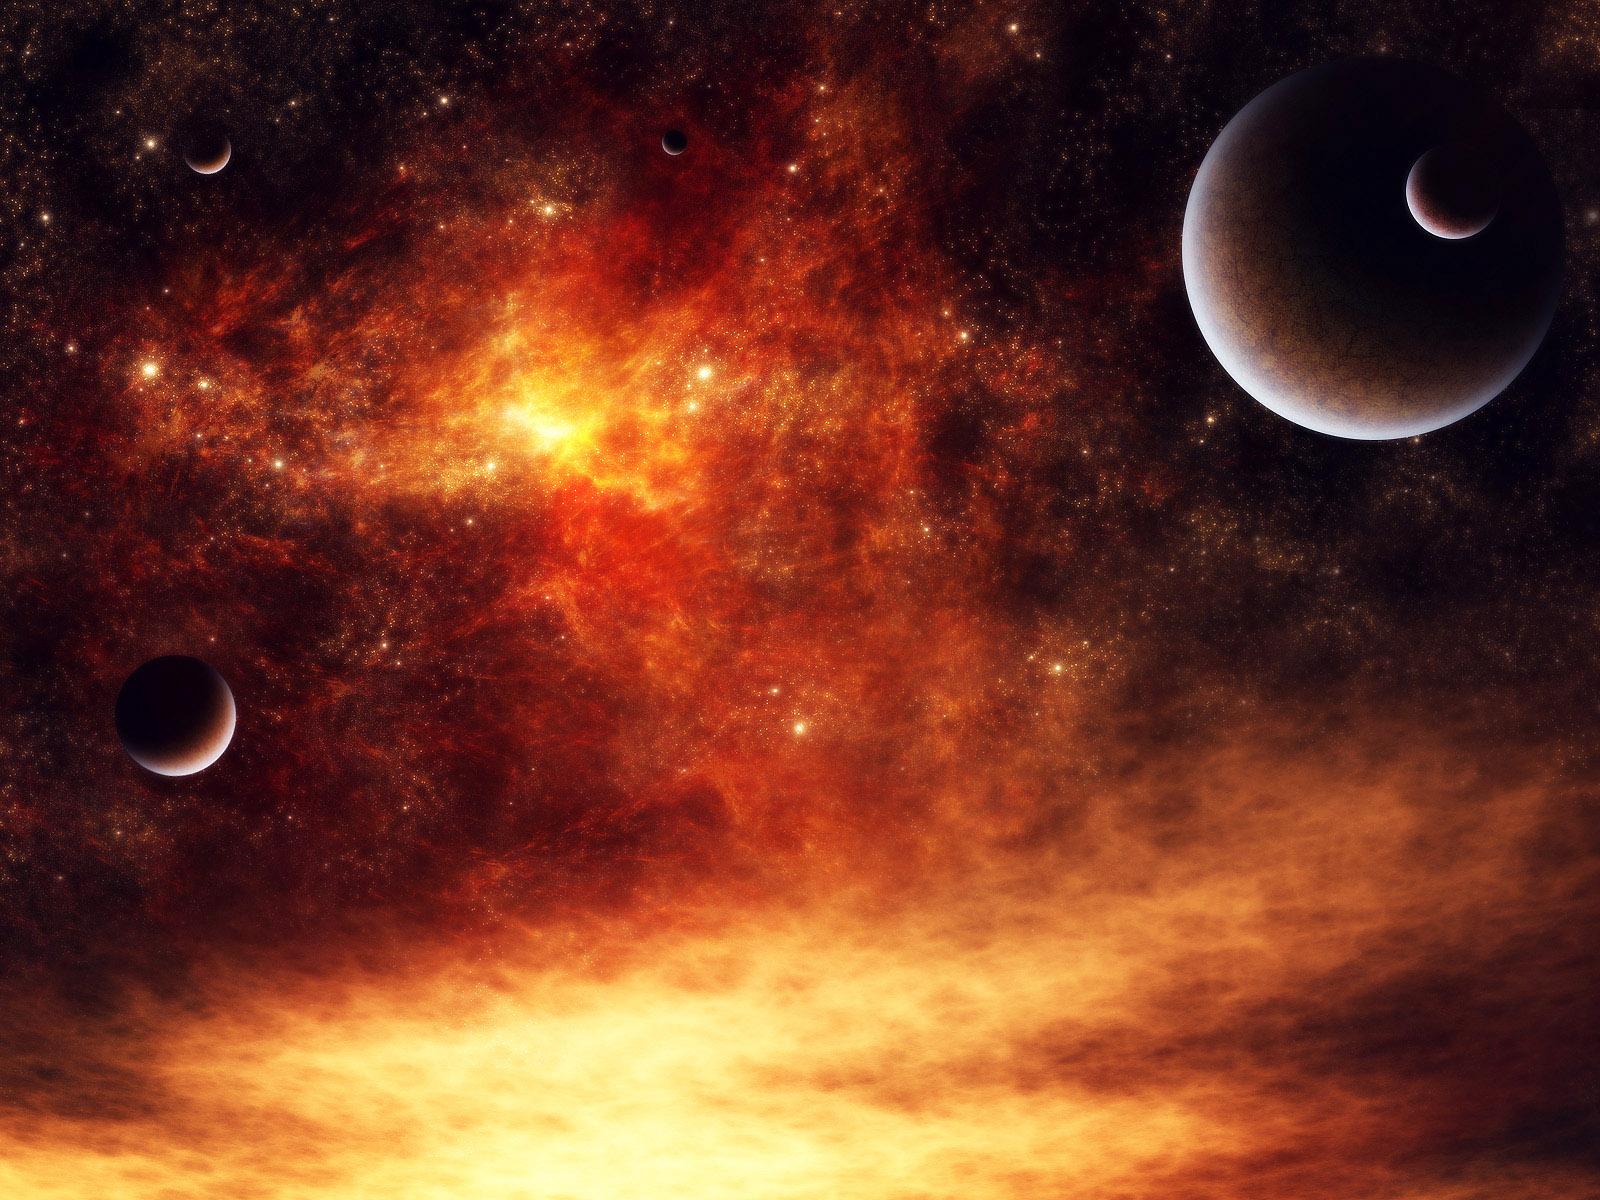 http://3.bp.blogspot.com/-juXG8Z-TCm8/Tnn3tOVdDqI/AAAAAAAAAQw/fVG2gJWpK64/s1600/solar_space-normal.jpg